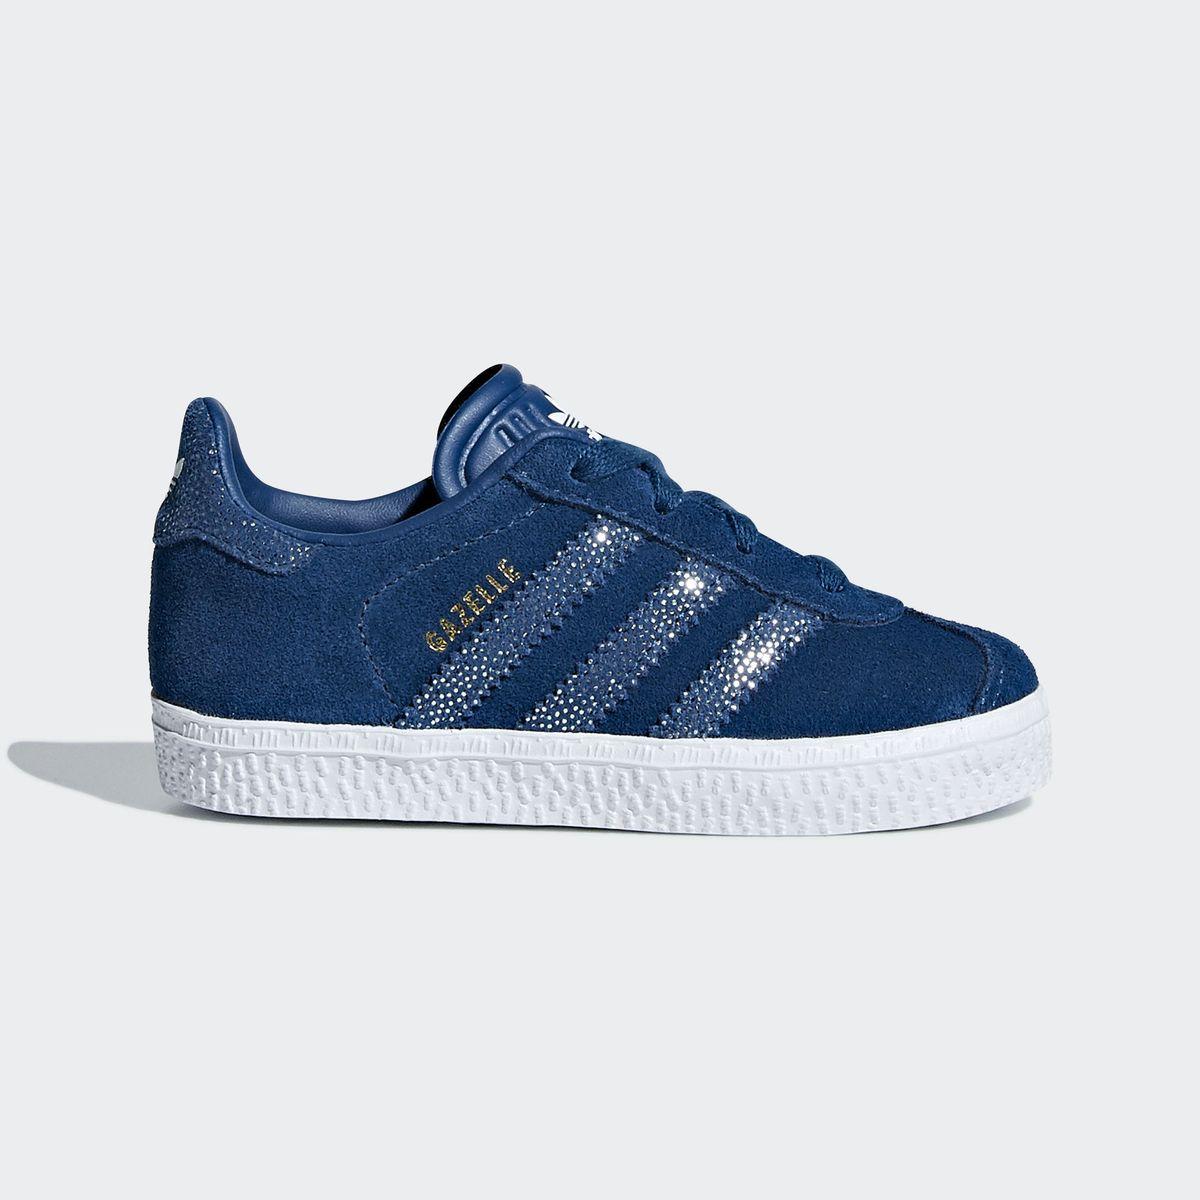 chaussure adidas 23 garcon